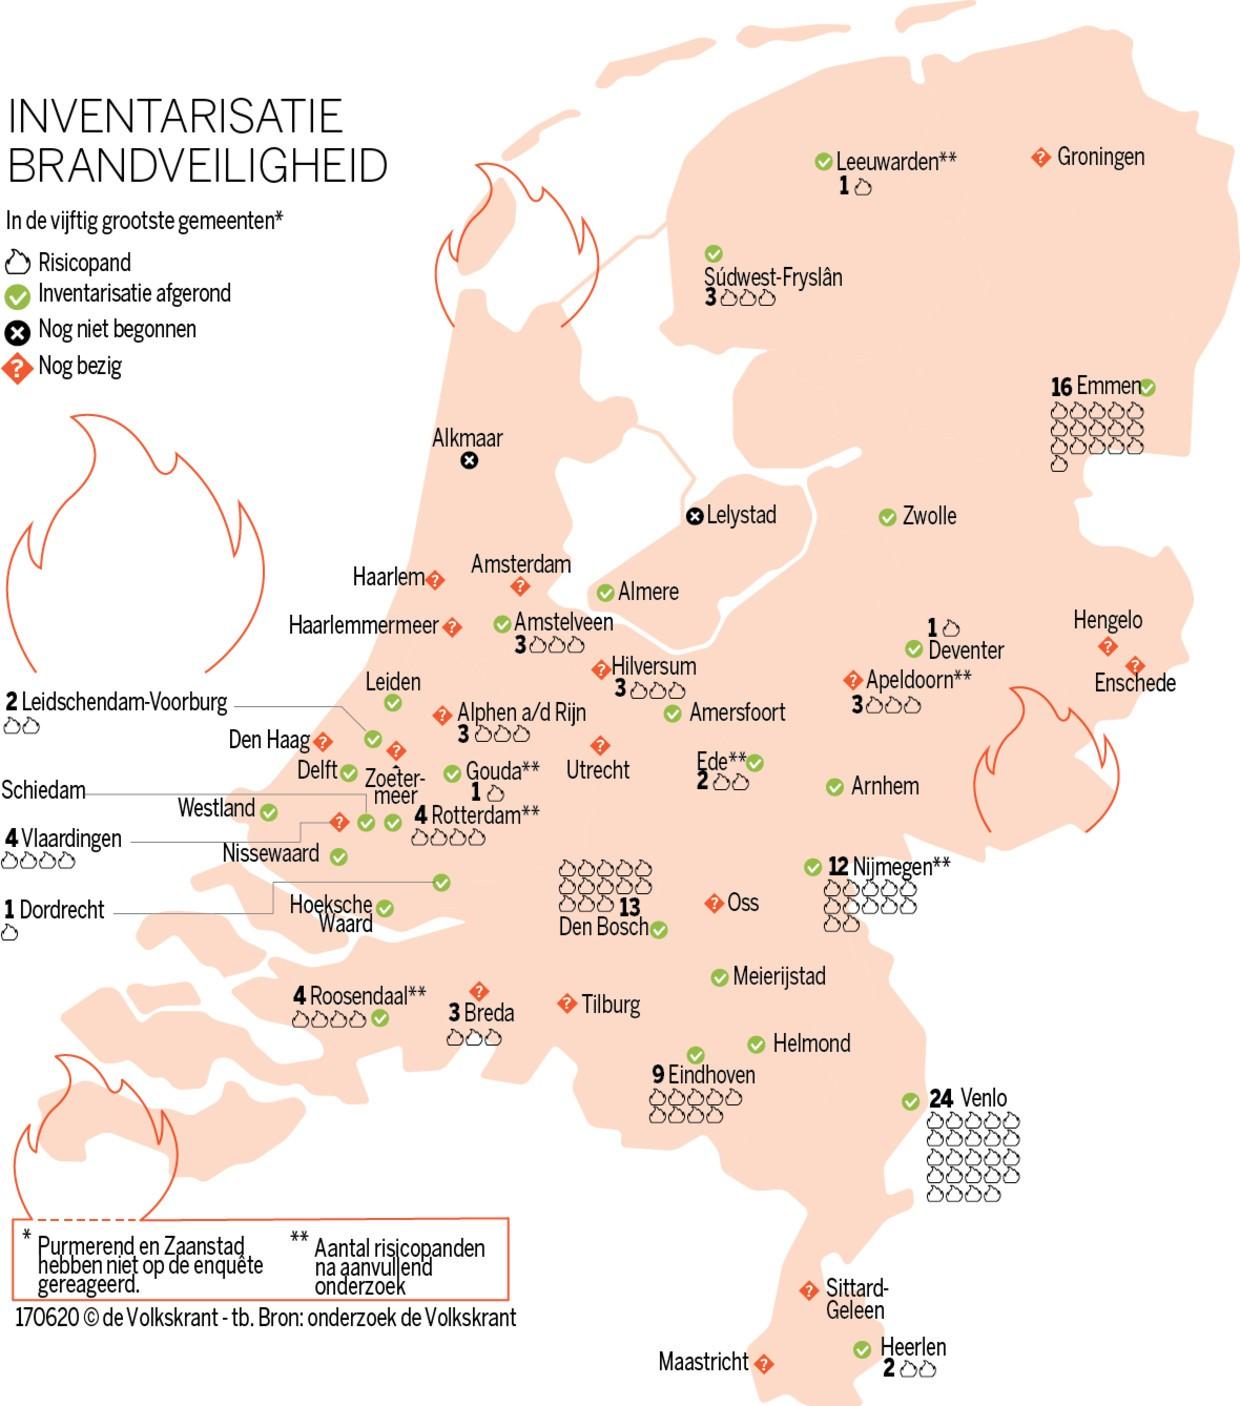 kaart van nederland met risicopanden